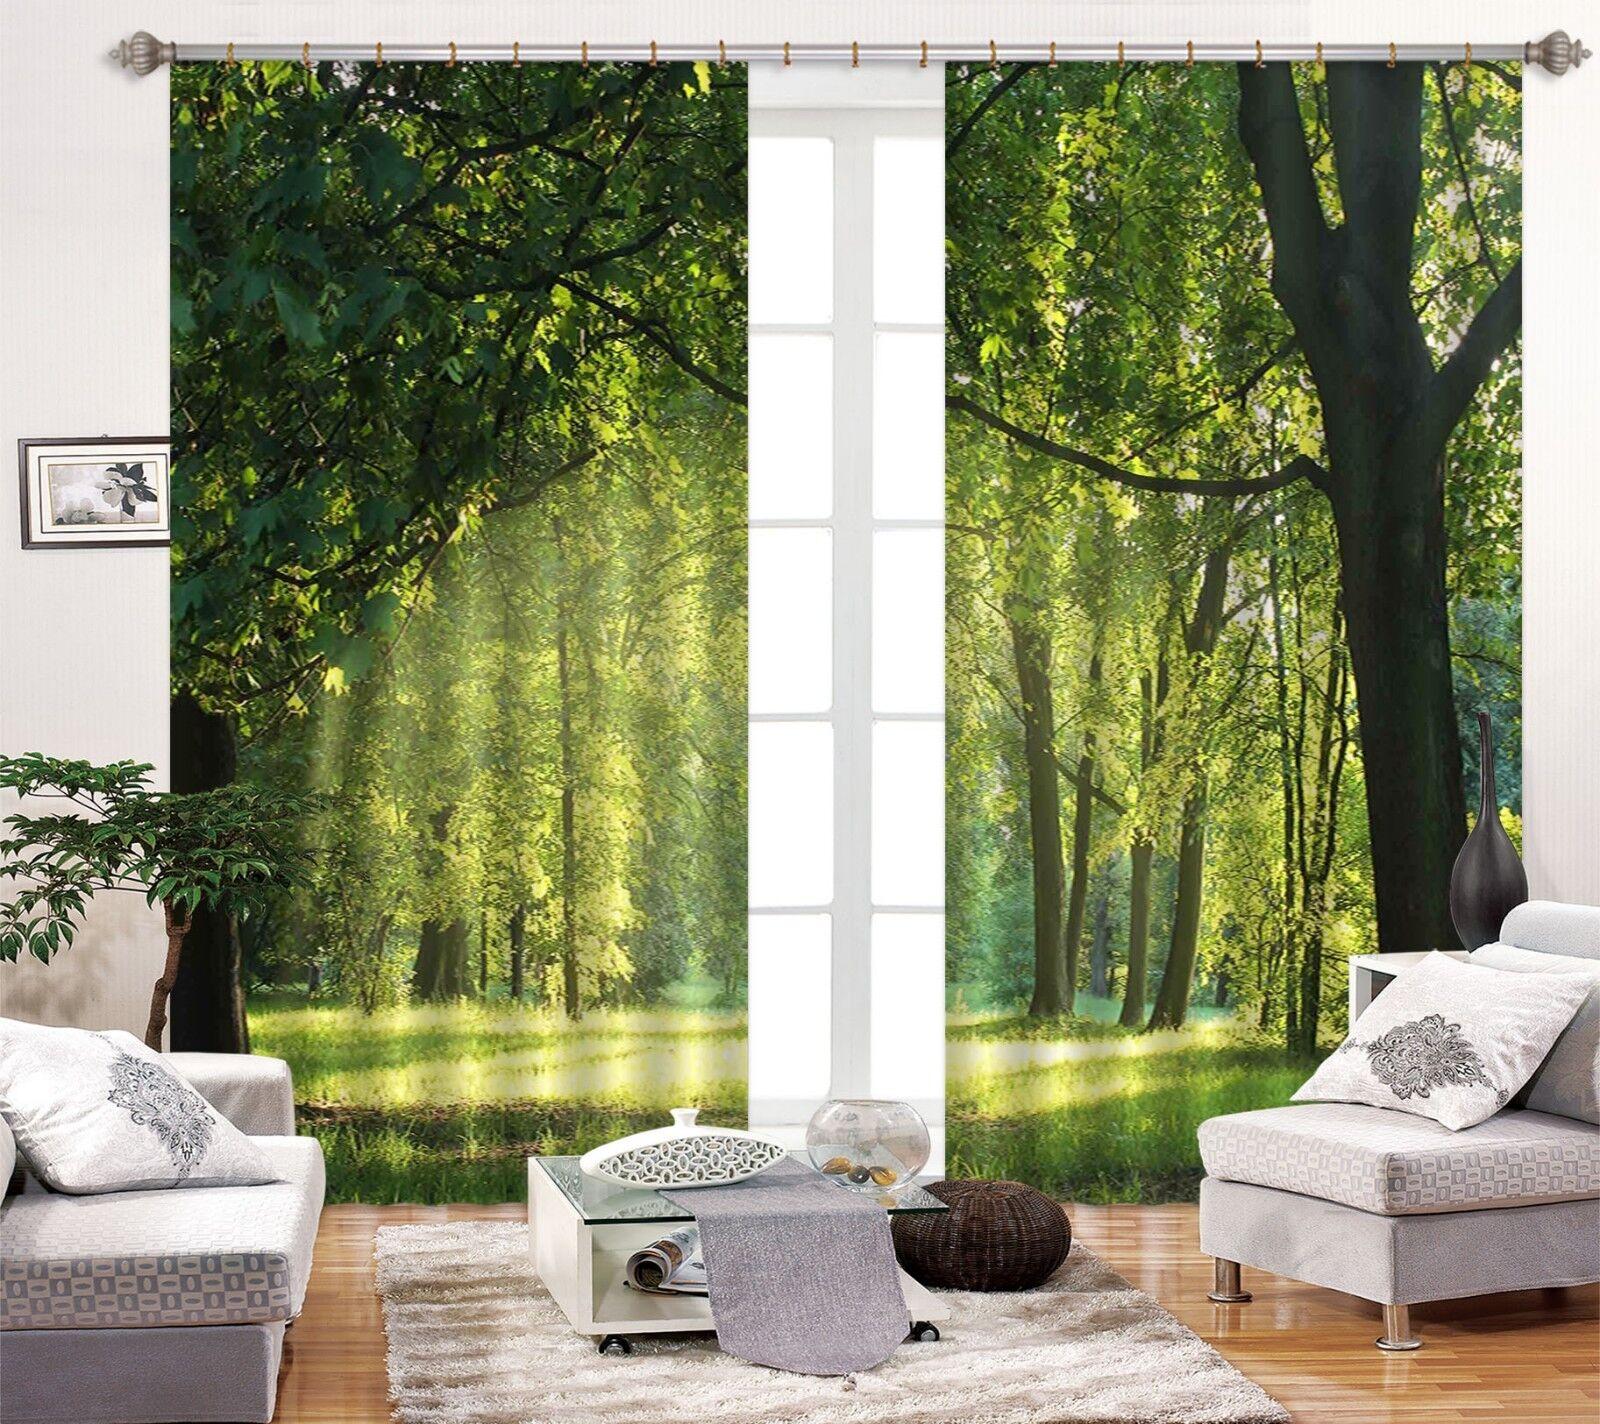 3d bosques hierba bloqueo 57 cortina de fotografía presión cortinas cortina de tela de ventana